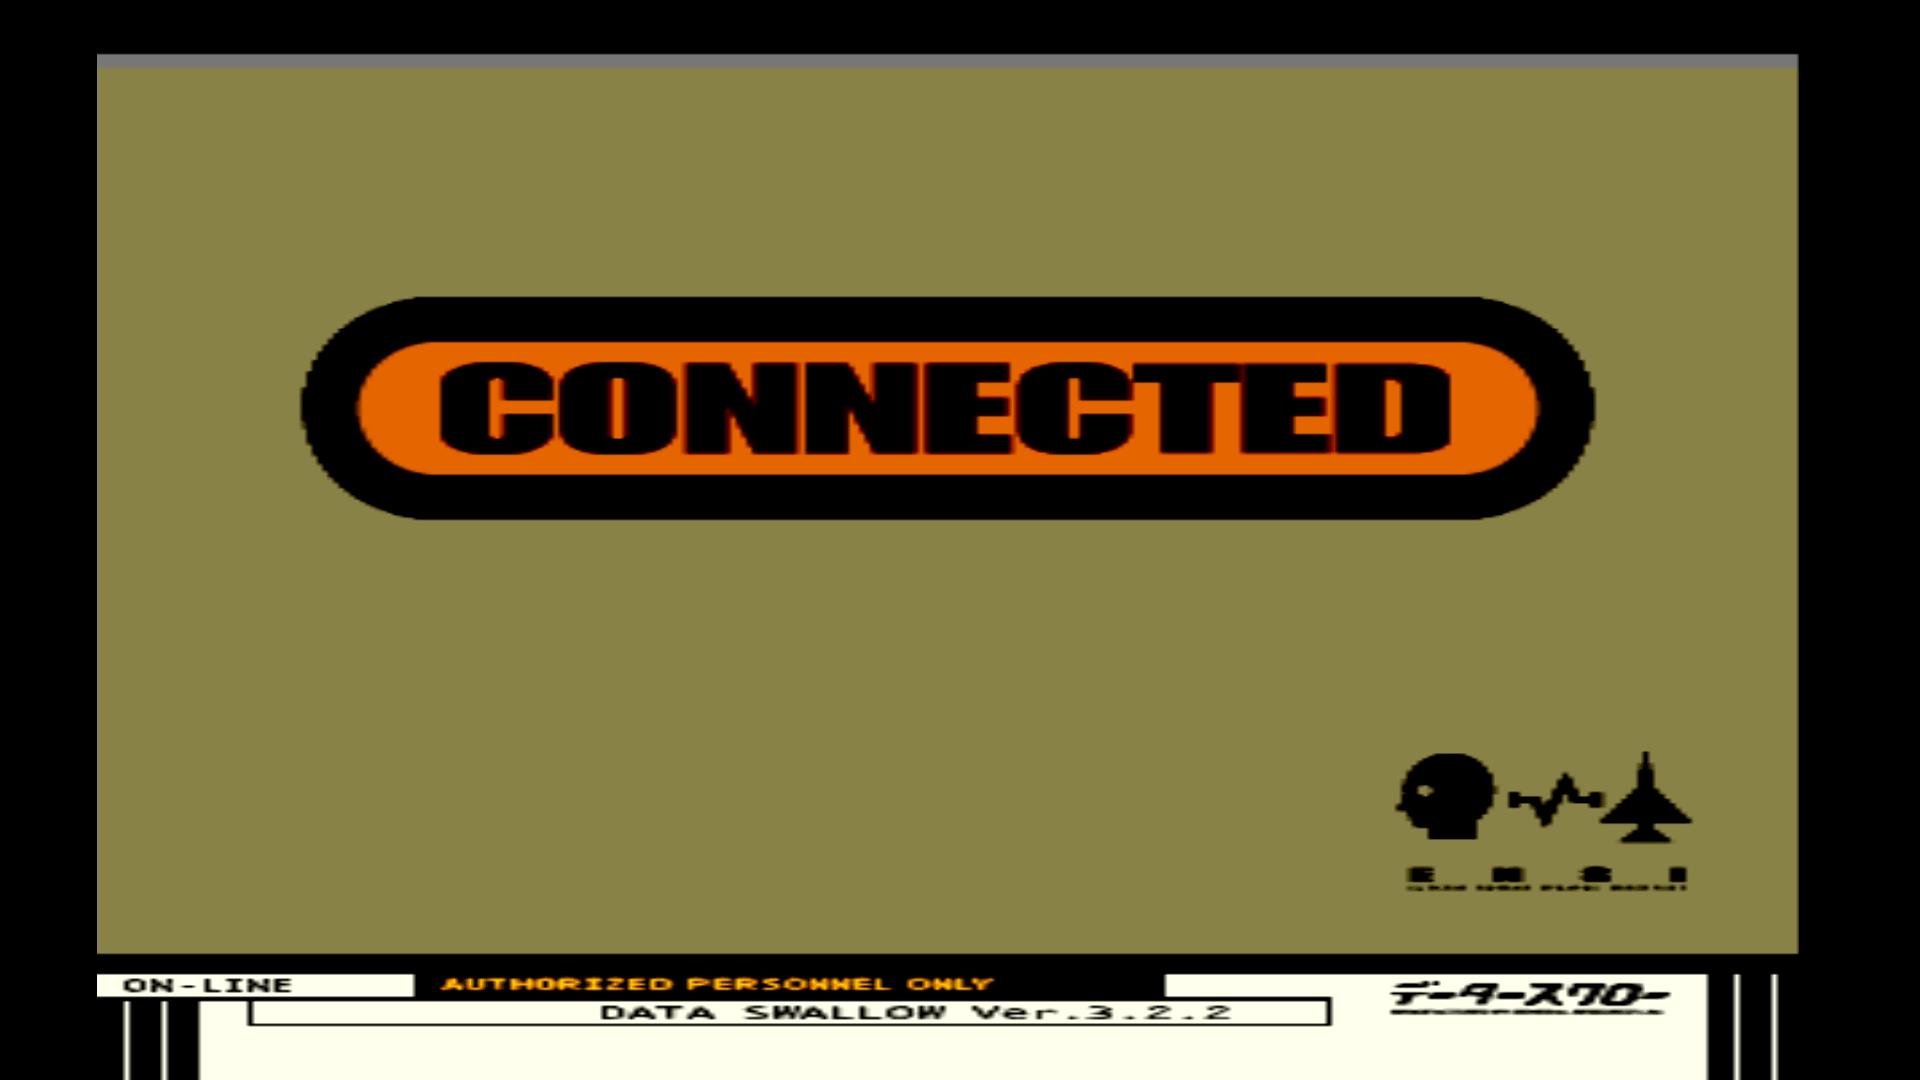 『エースコンバット3』におけるENSI規格による接続[エースコンバット インフィニティ]